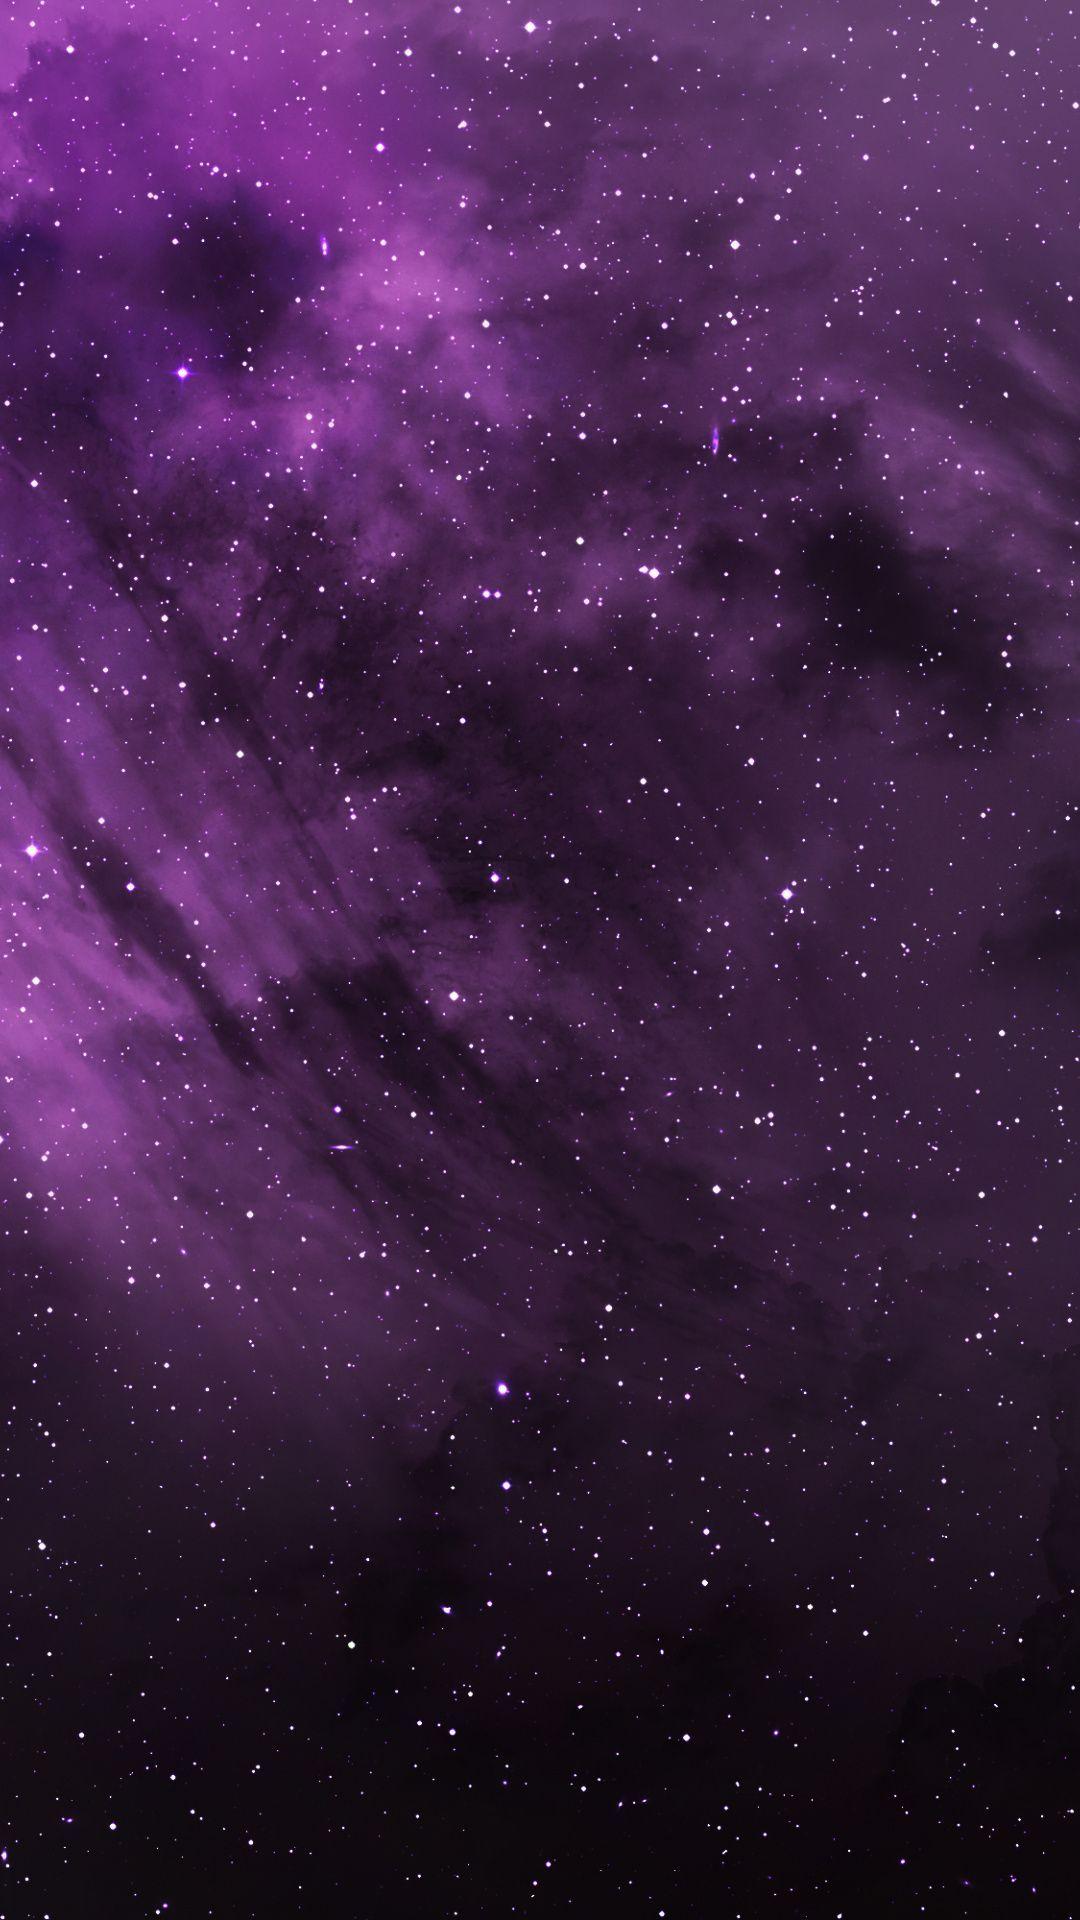 1080x1920 Purple Clouds Cosmos Stars Space Wallpaper Em 2020 Papeis De Parede Papeis De Parede Tumblr Post Its